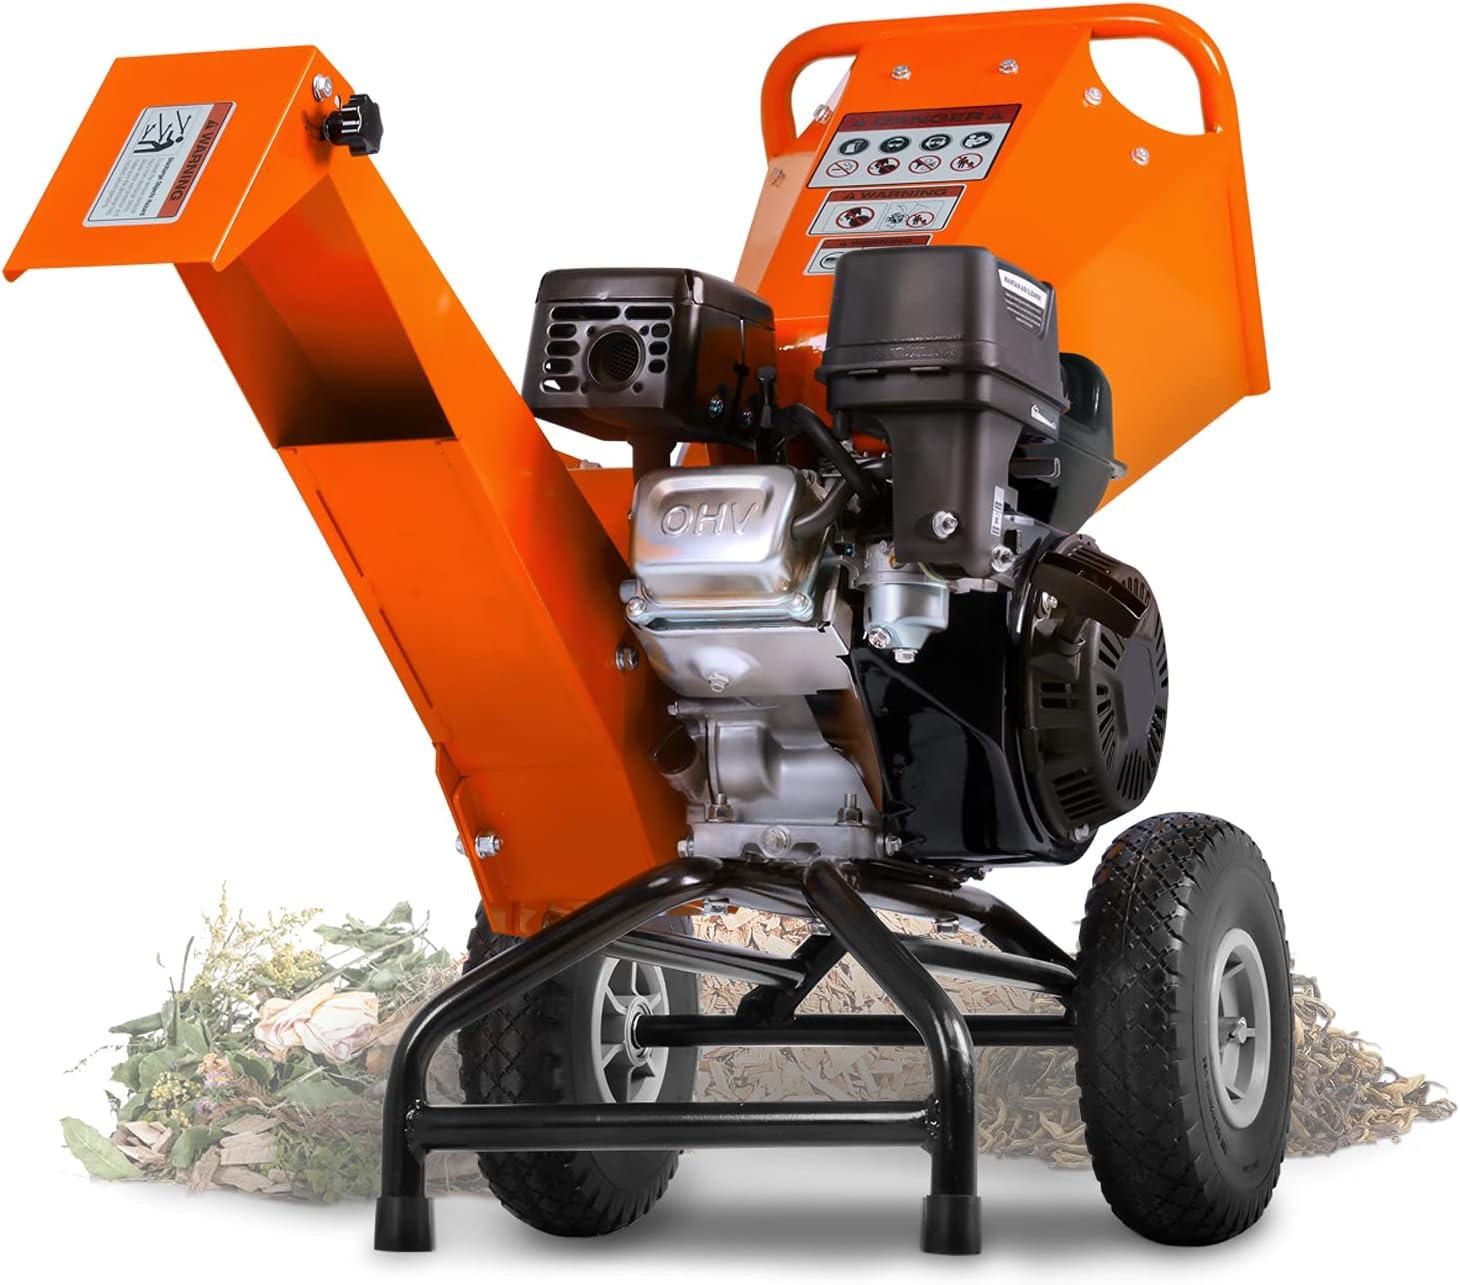 Dallas Mall SuperHandy Wood Chipper Shredder Mulcher Duty 7HP Heavy Houston Mall C Engine